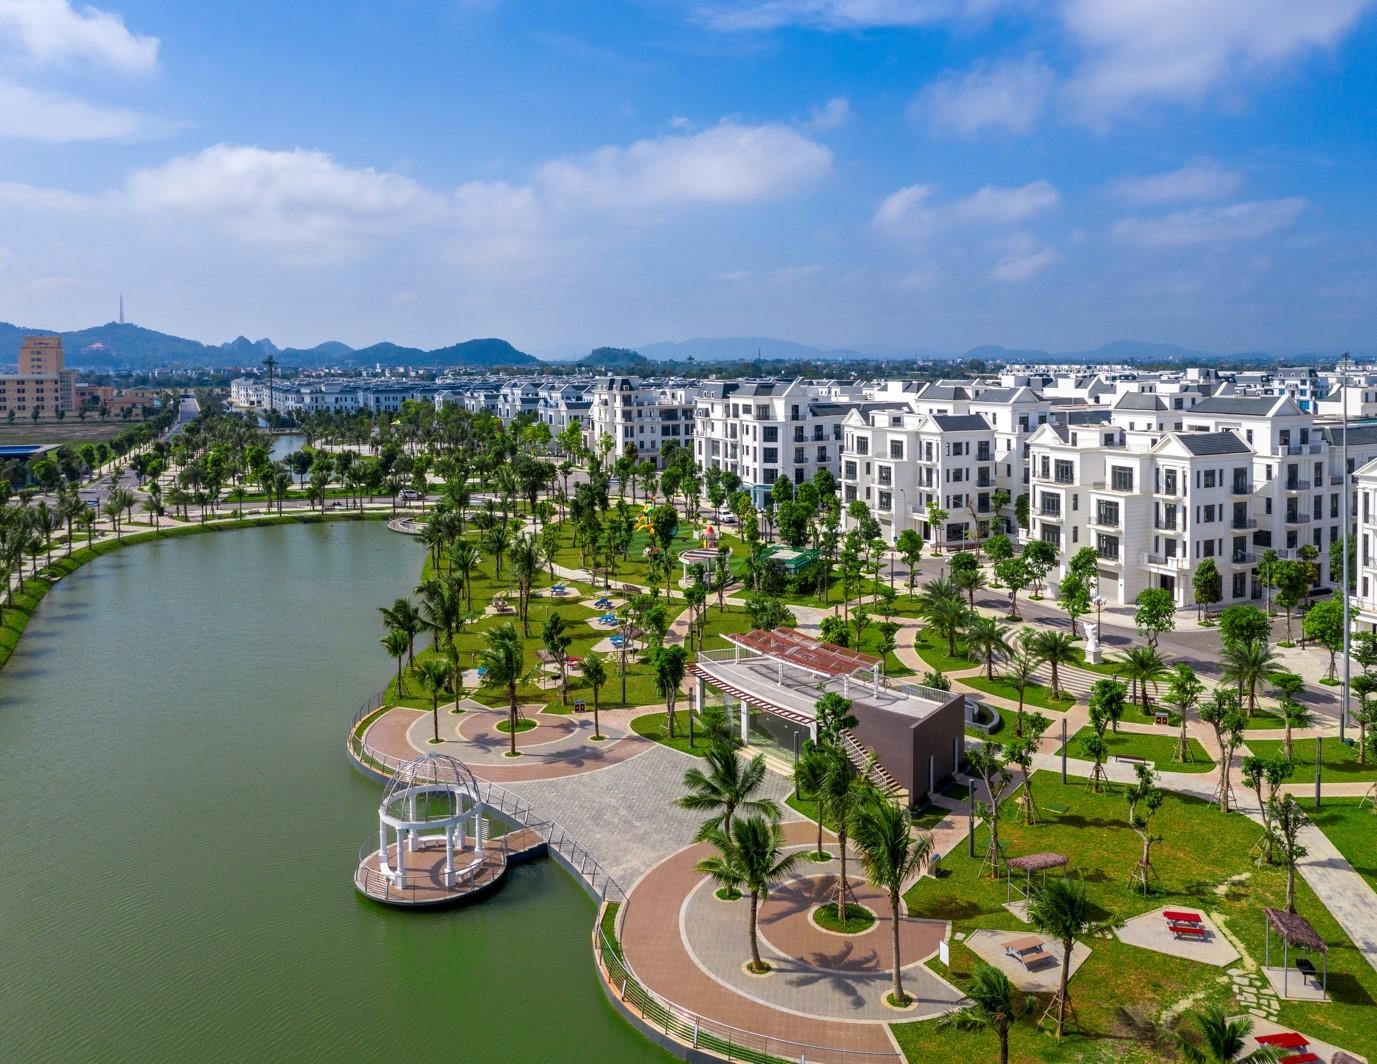 Hinh anh giai ma suc hut Vinhomes Star City tai thi truong Thanh Hoa so 3